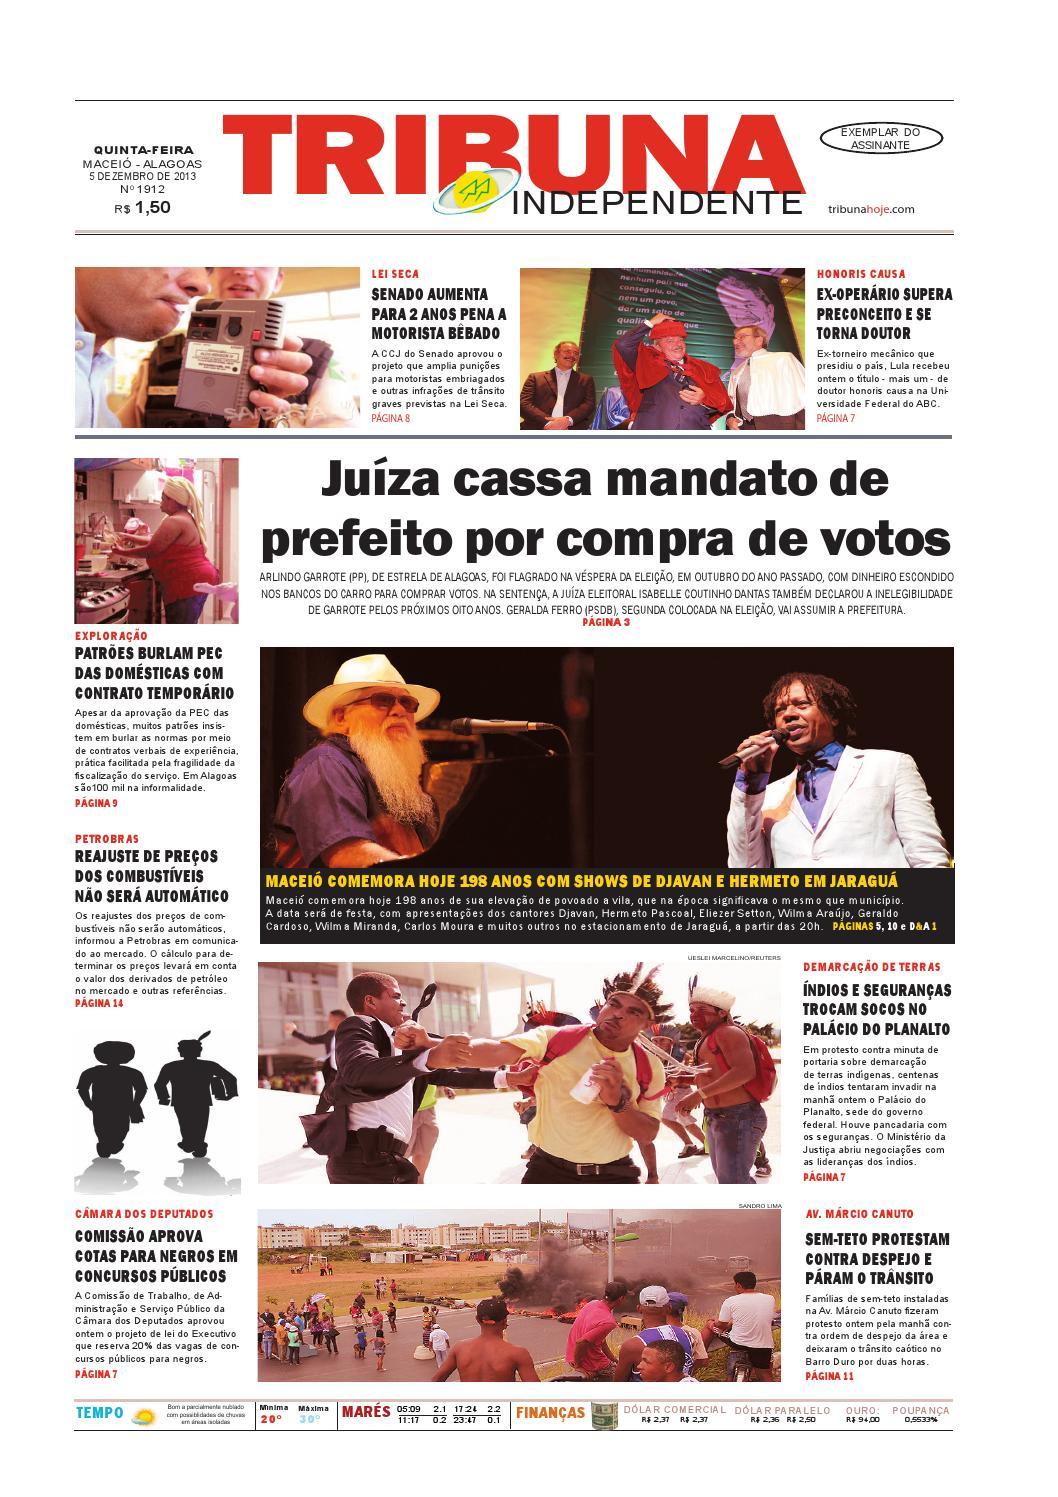 e797fe848fe Edição número 1913 - 5 de dezembro de 2013 by Tribuna Hoje - issuu